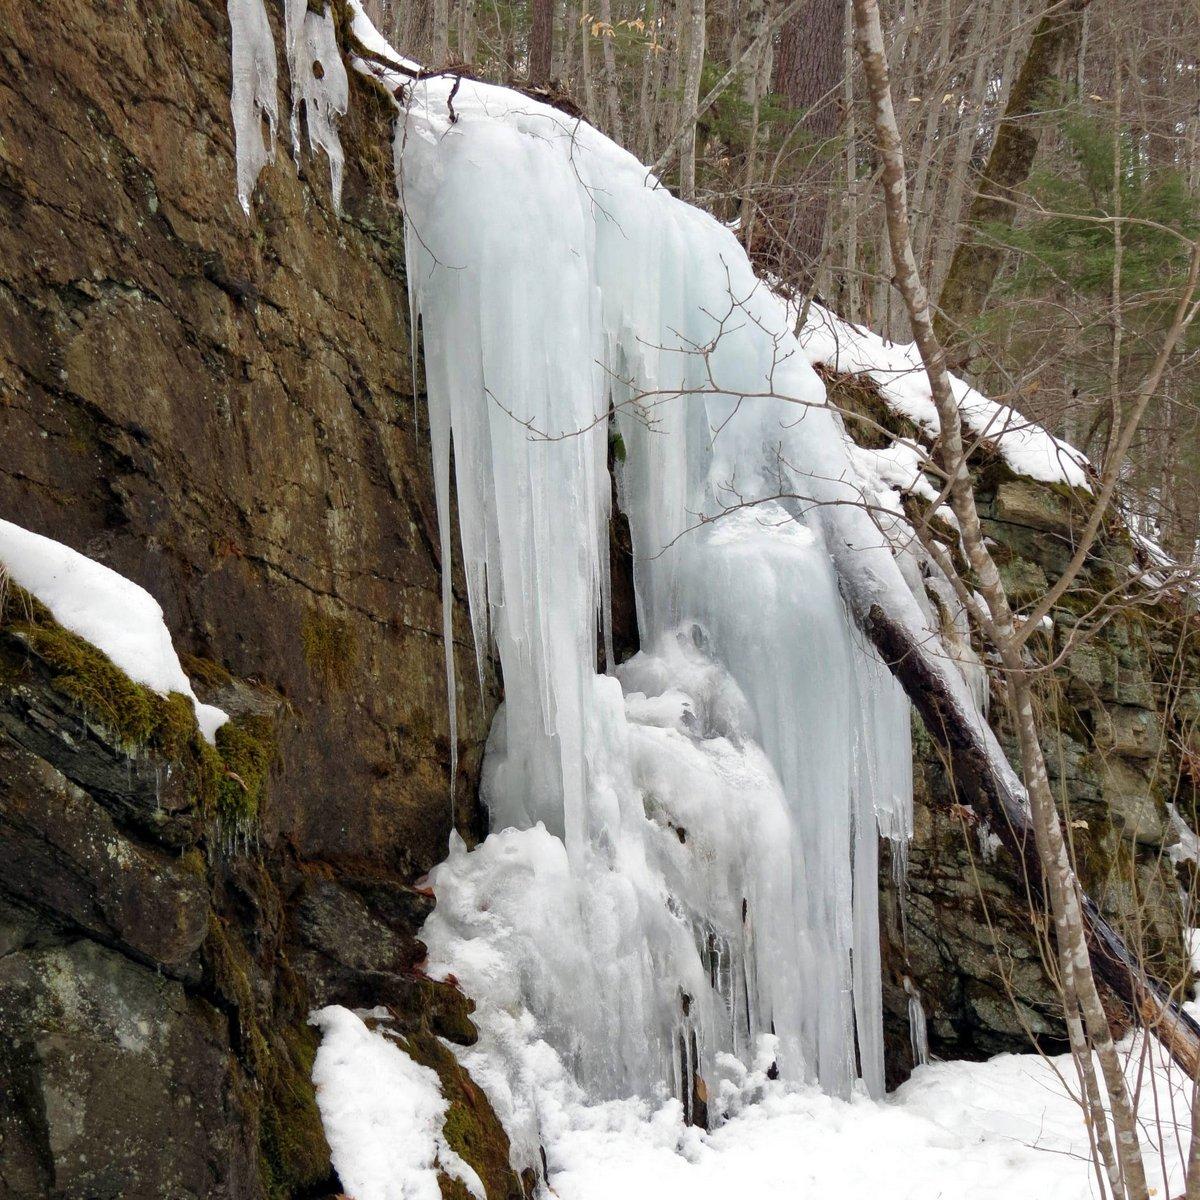 2. Icy Ledges